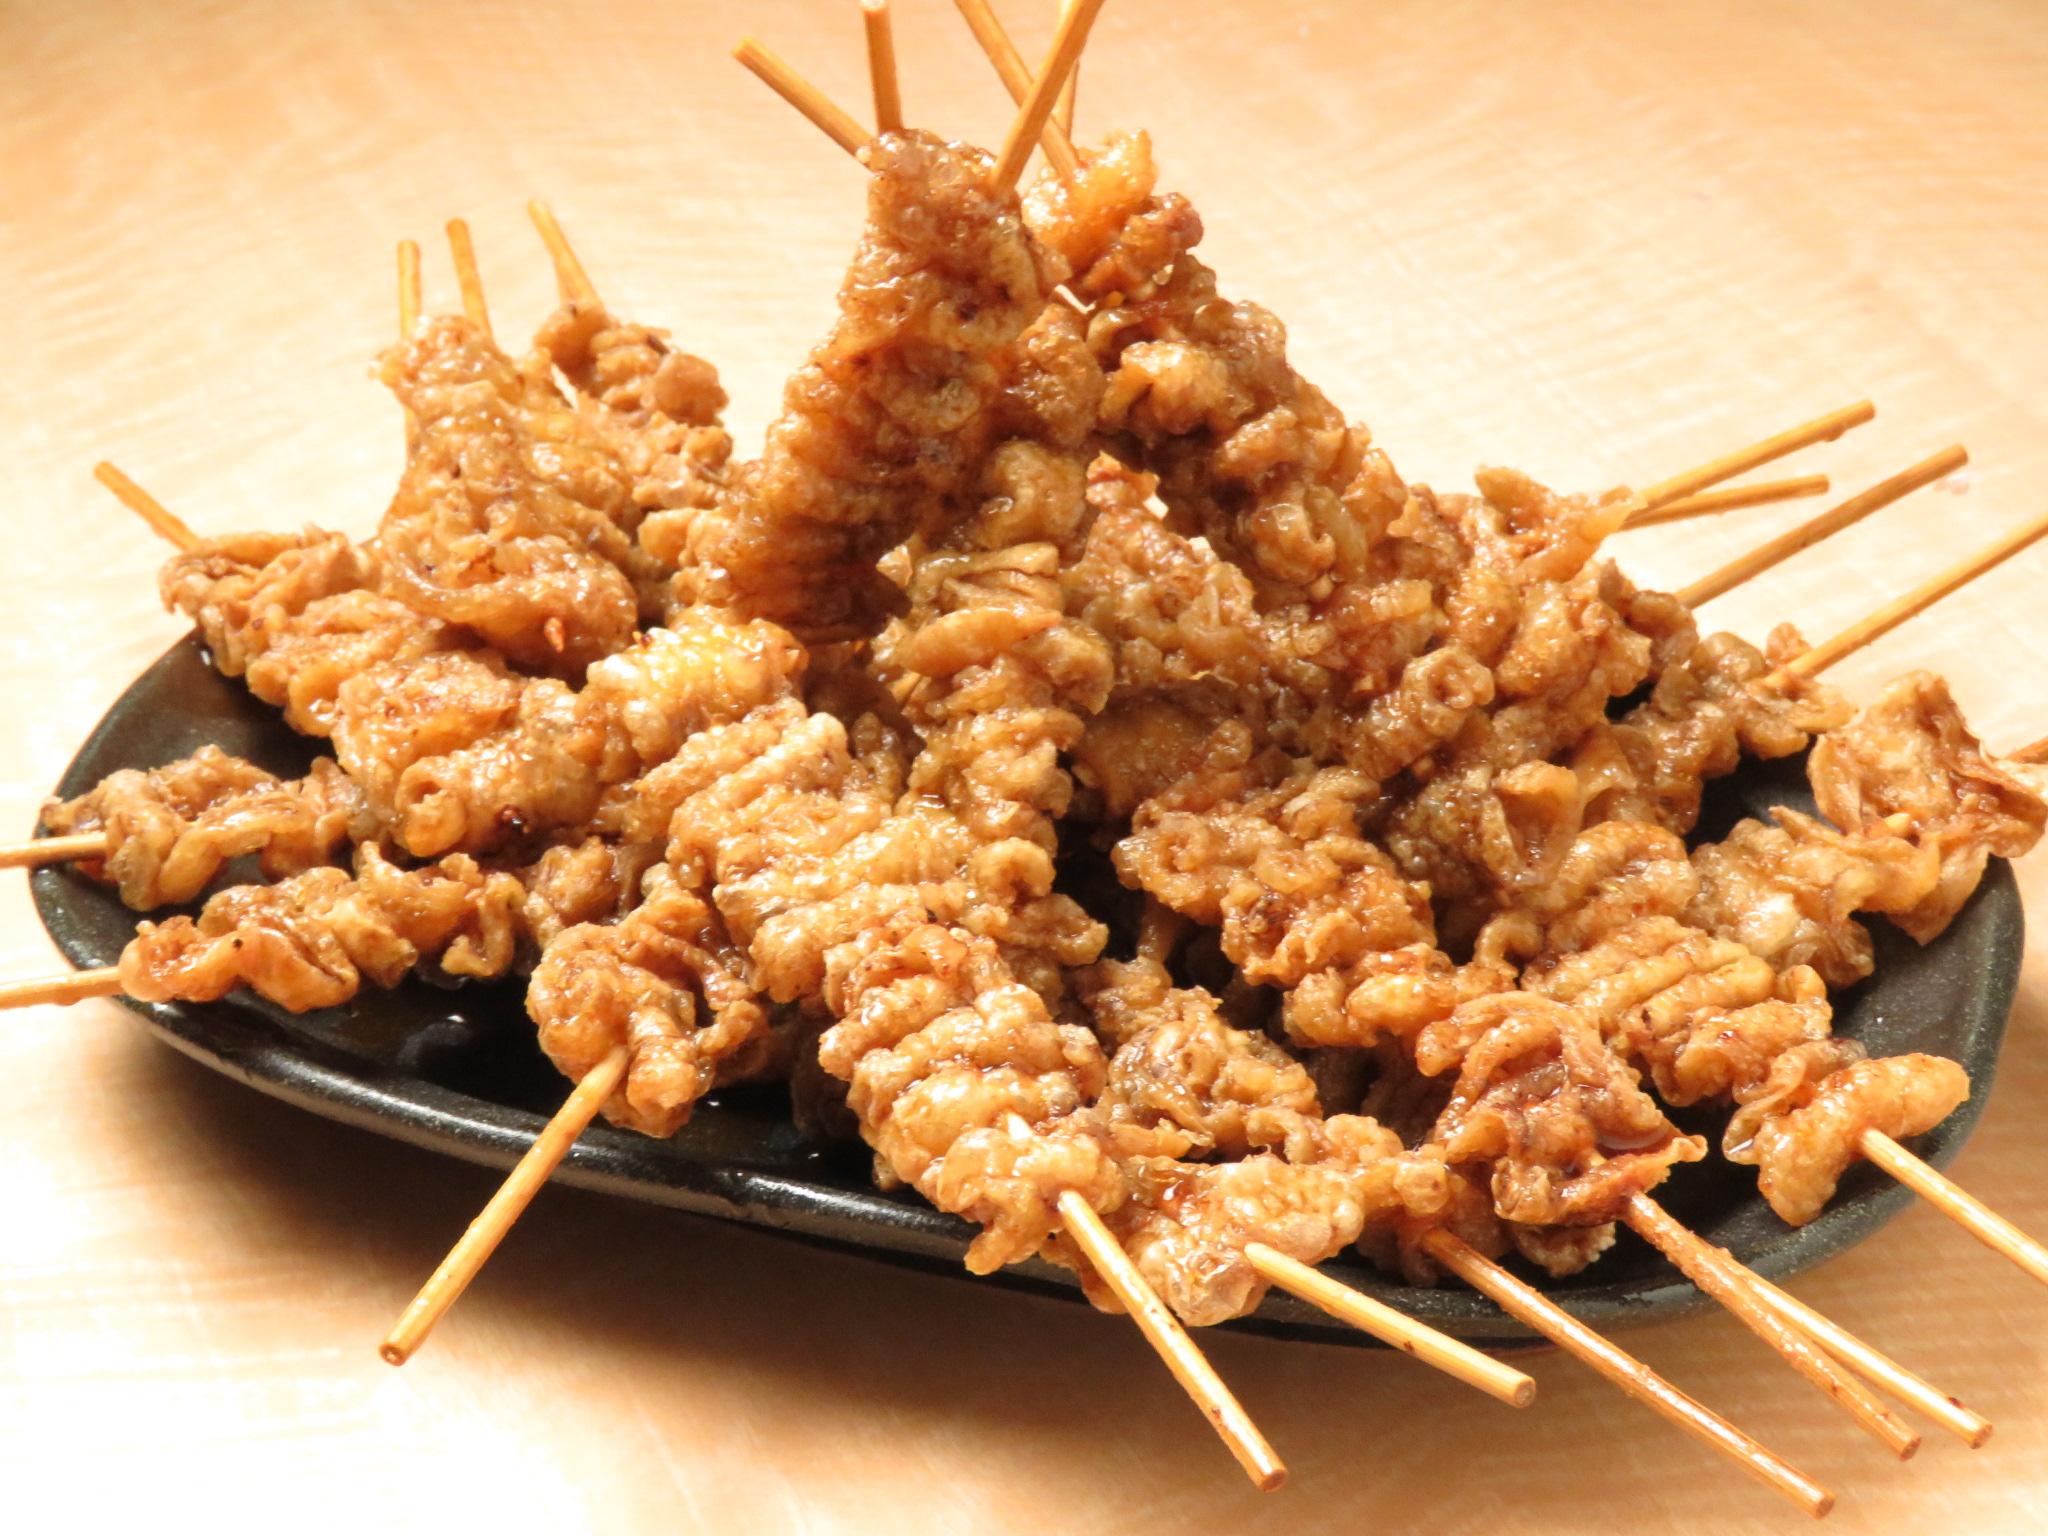 【とりいちず酒場 経堂店】の病みつき鶏料理